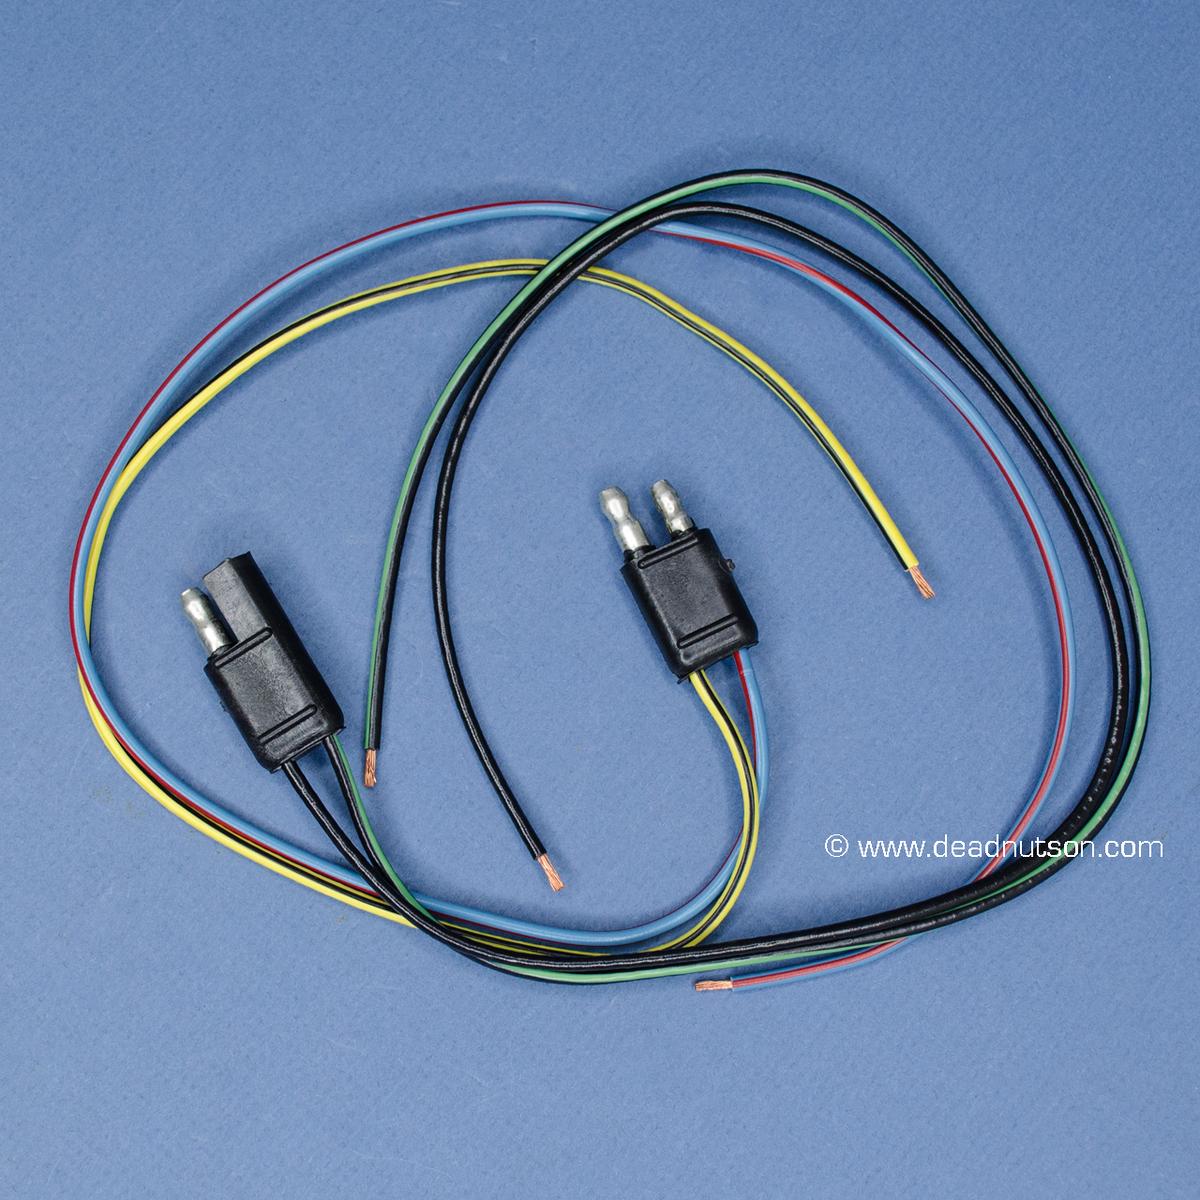 1967 Mustang Alternator Wiring Diagram 1967 Mustang Wiring Diagram